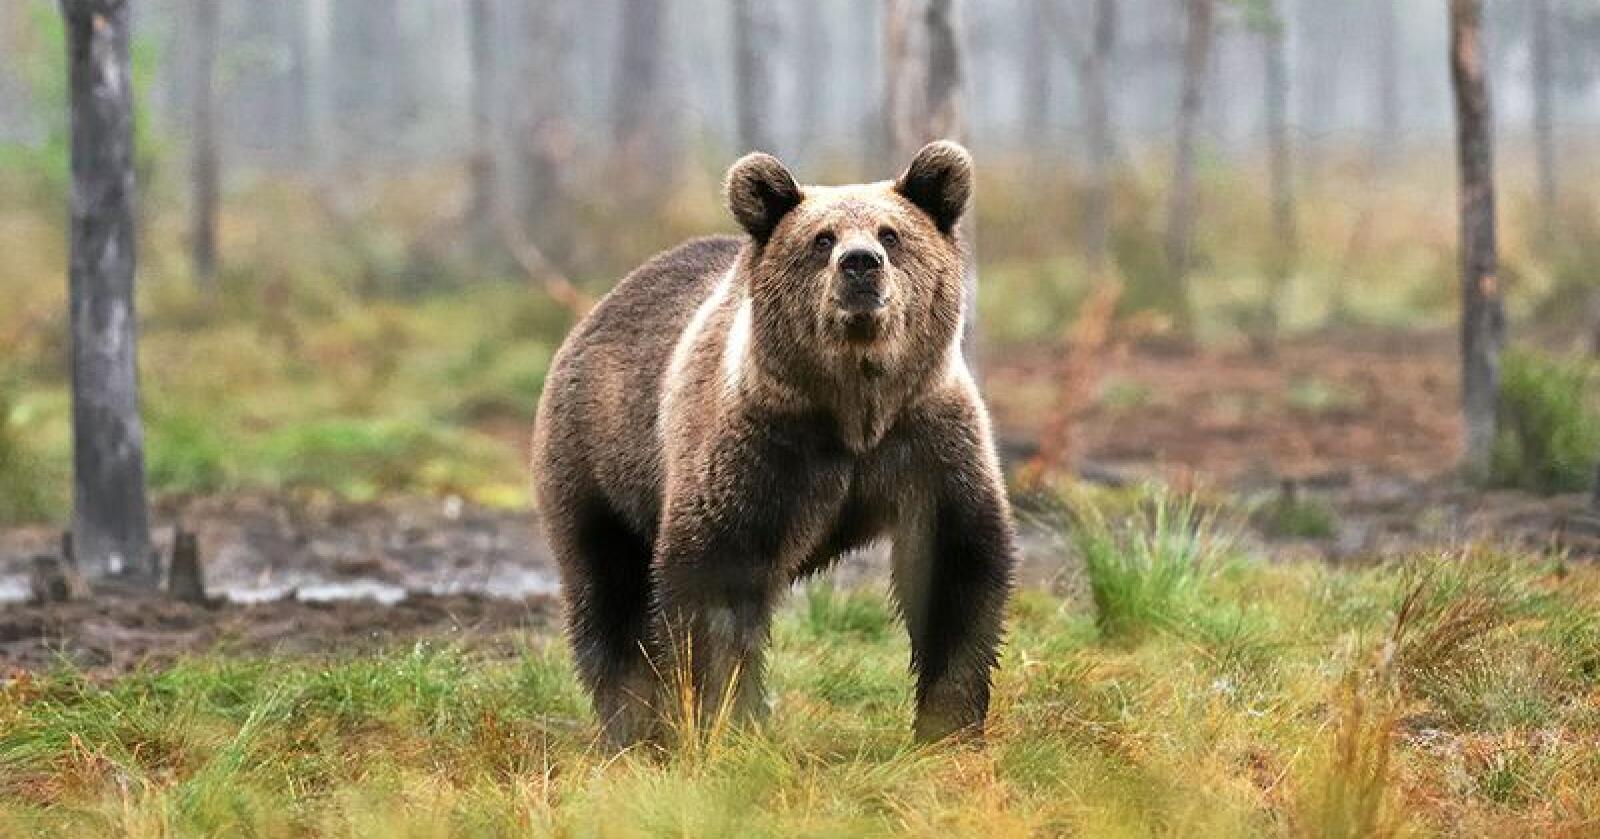 Fylkesmannen i Troms og Finnmark har gitt fellingstillatelse på en bjørn i Sør-Varanger. Foto: Erik Mandre / Mostphotos